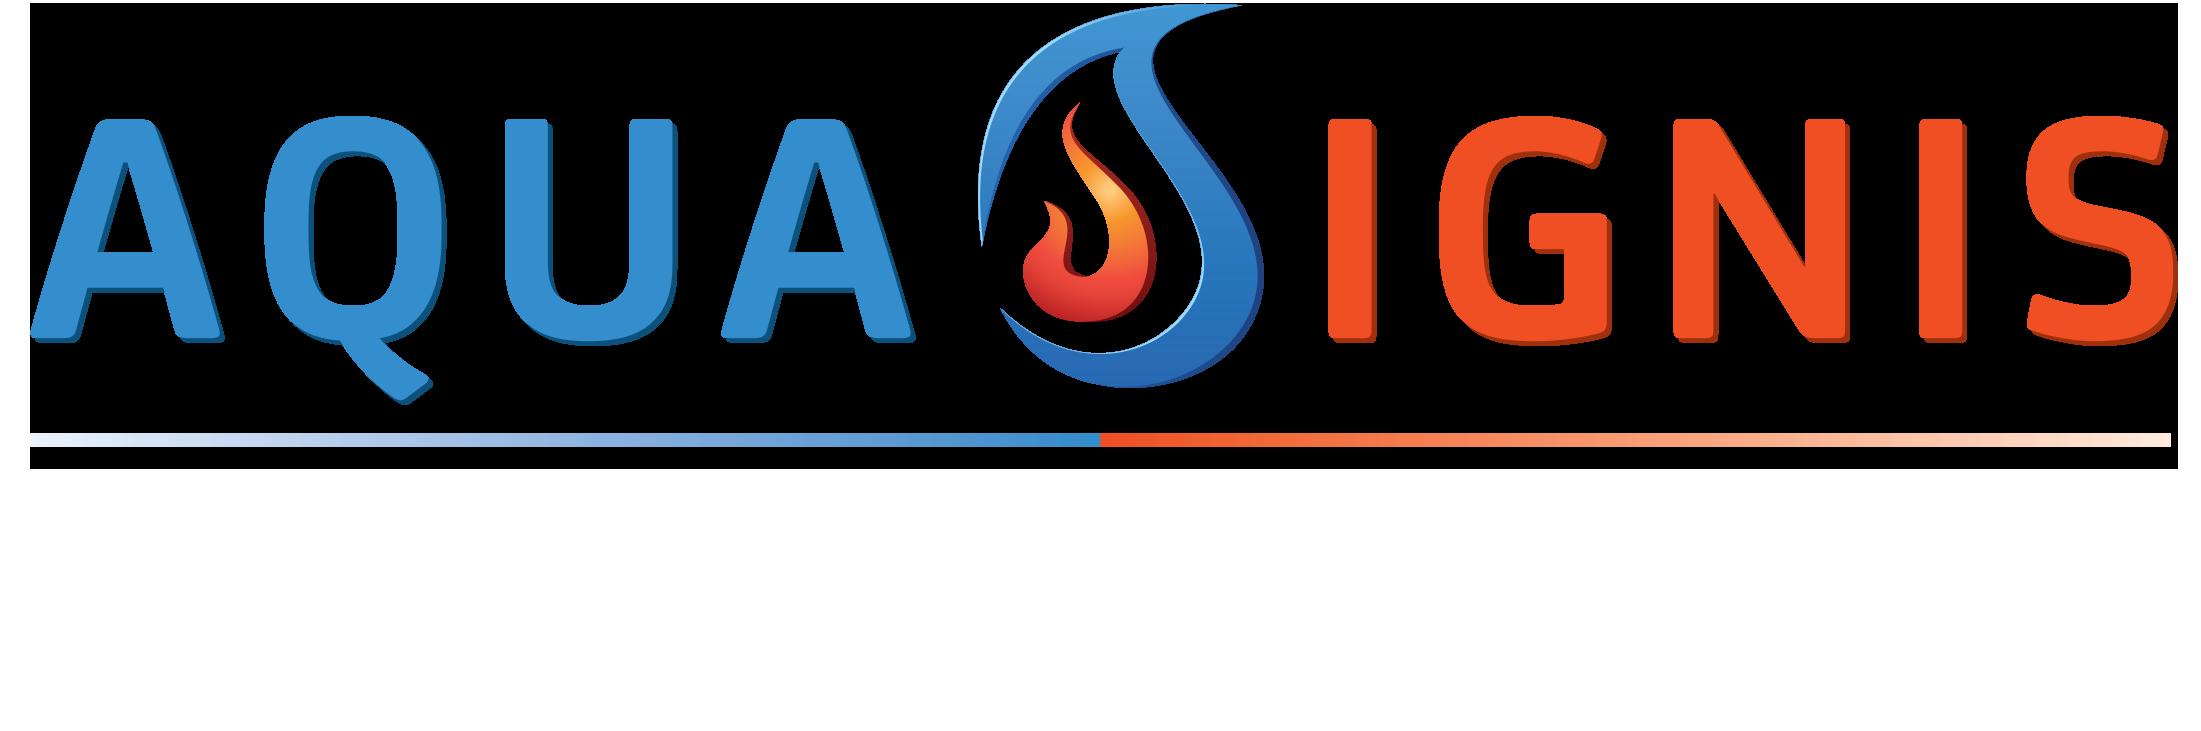 logo aqua et ignis